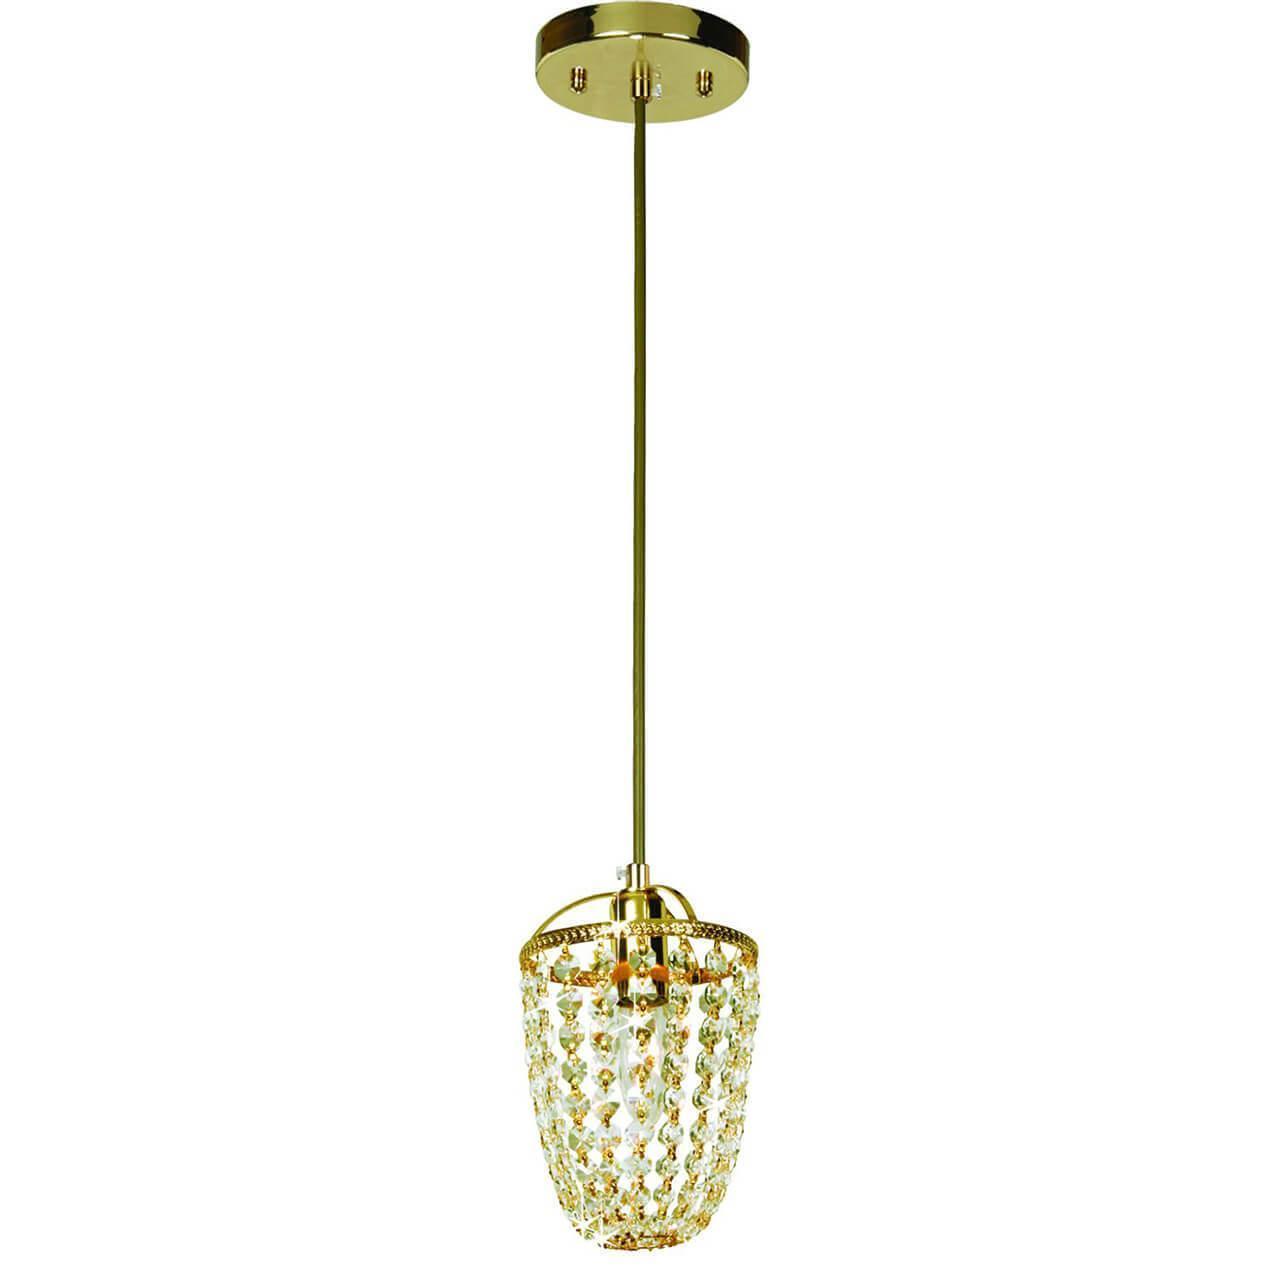 Подвесной светильник Favourite 1024-1P, E14, 40 Вт подвесной светильник favourite caramel 1024 1p